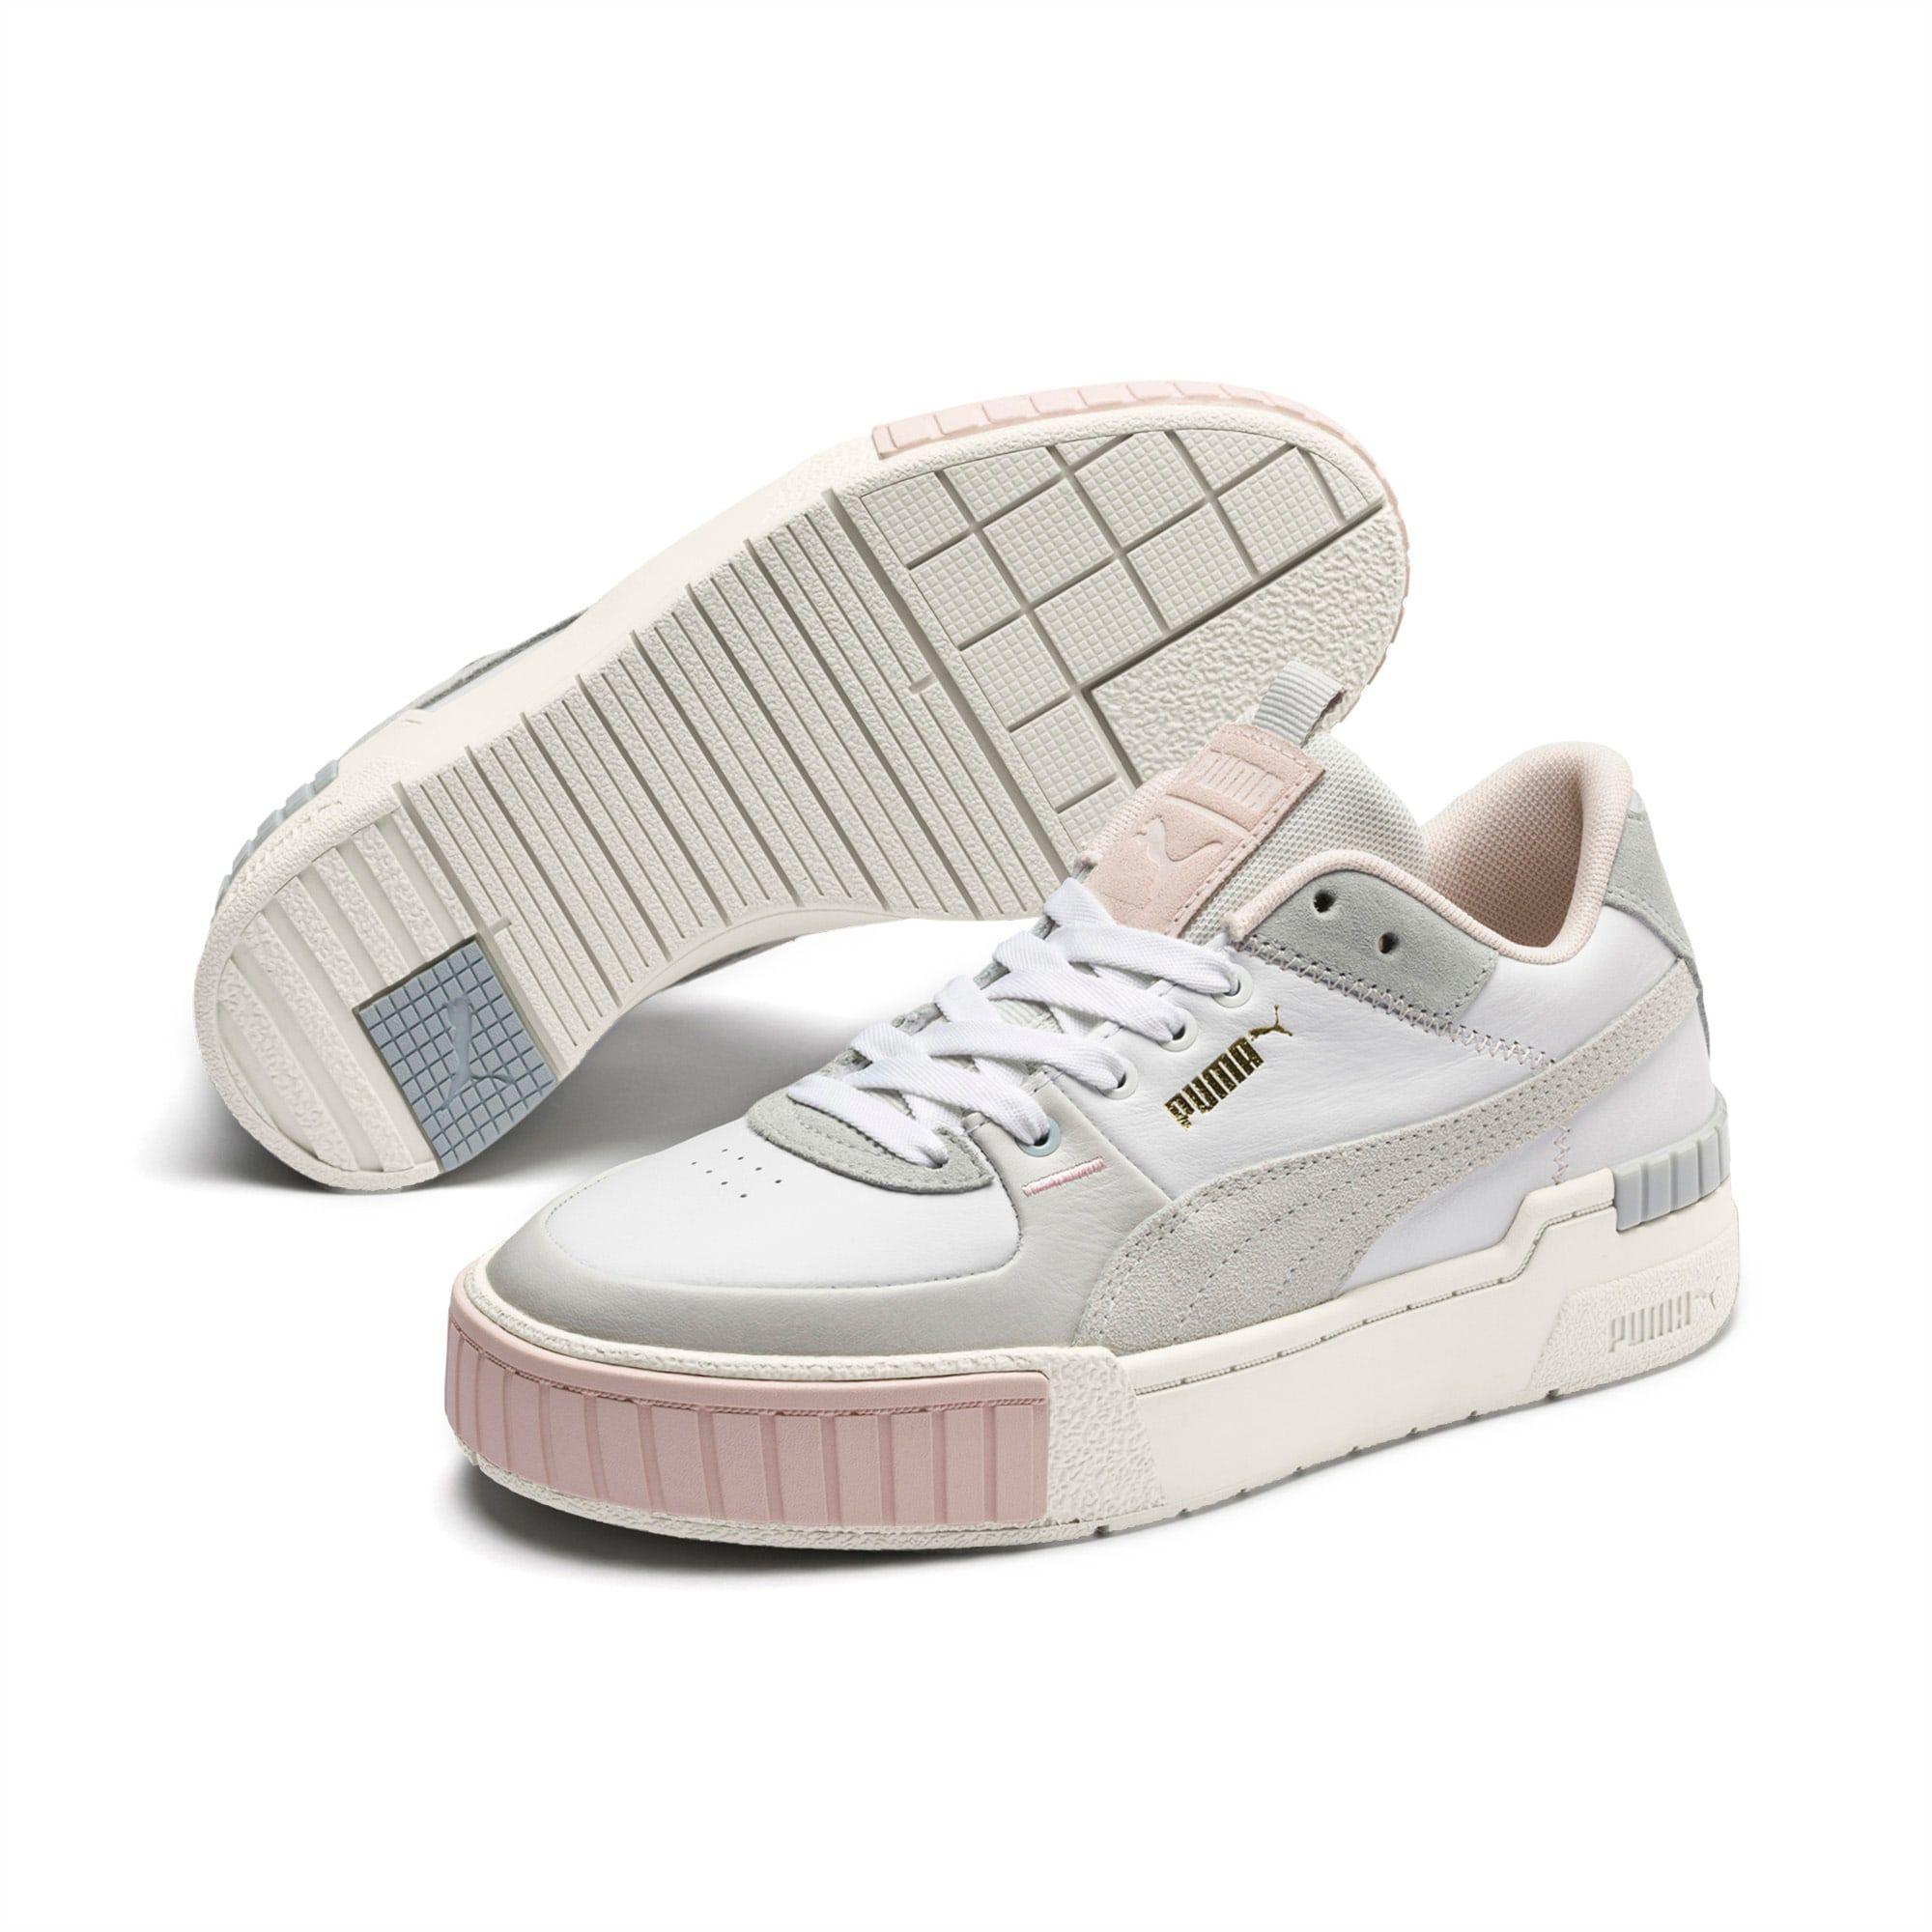 Cali Sport Women's Sneakers in 2020 | Puma shoes women ...